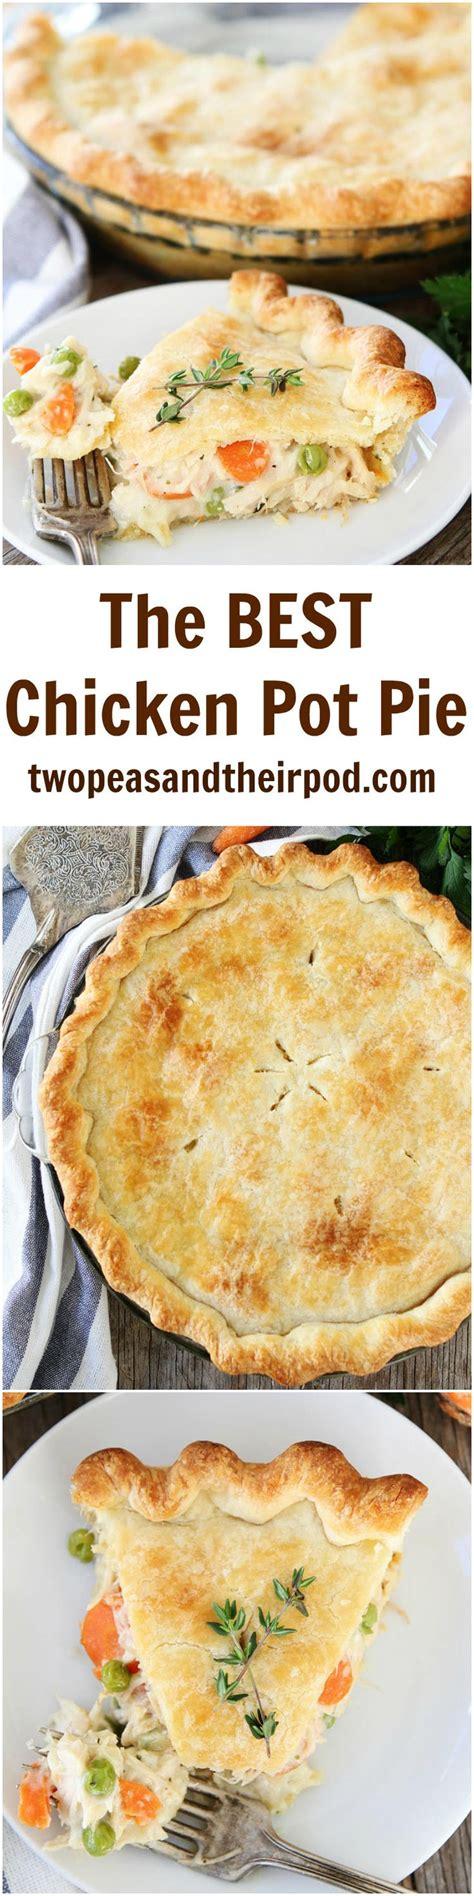 Best Chicken Pot Pie Recipe The Best Chicken Pot Pie Recipe On Twopeasandtheirpod